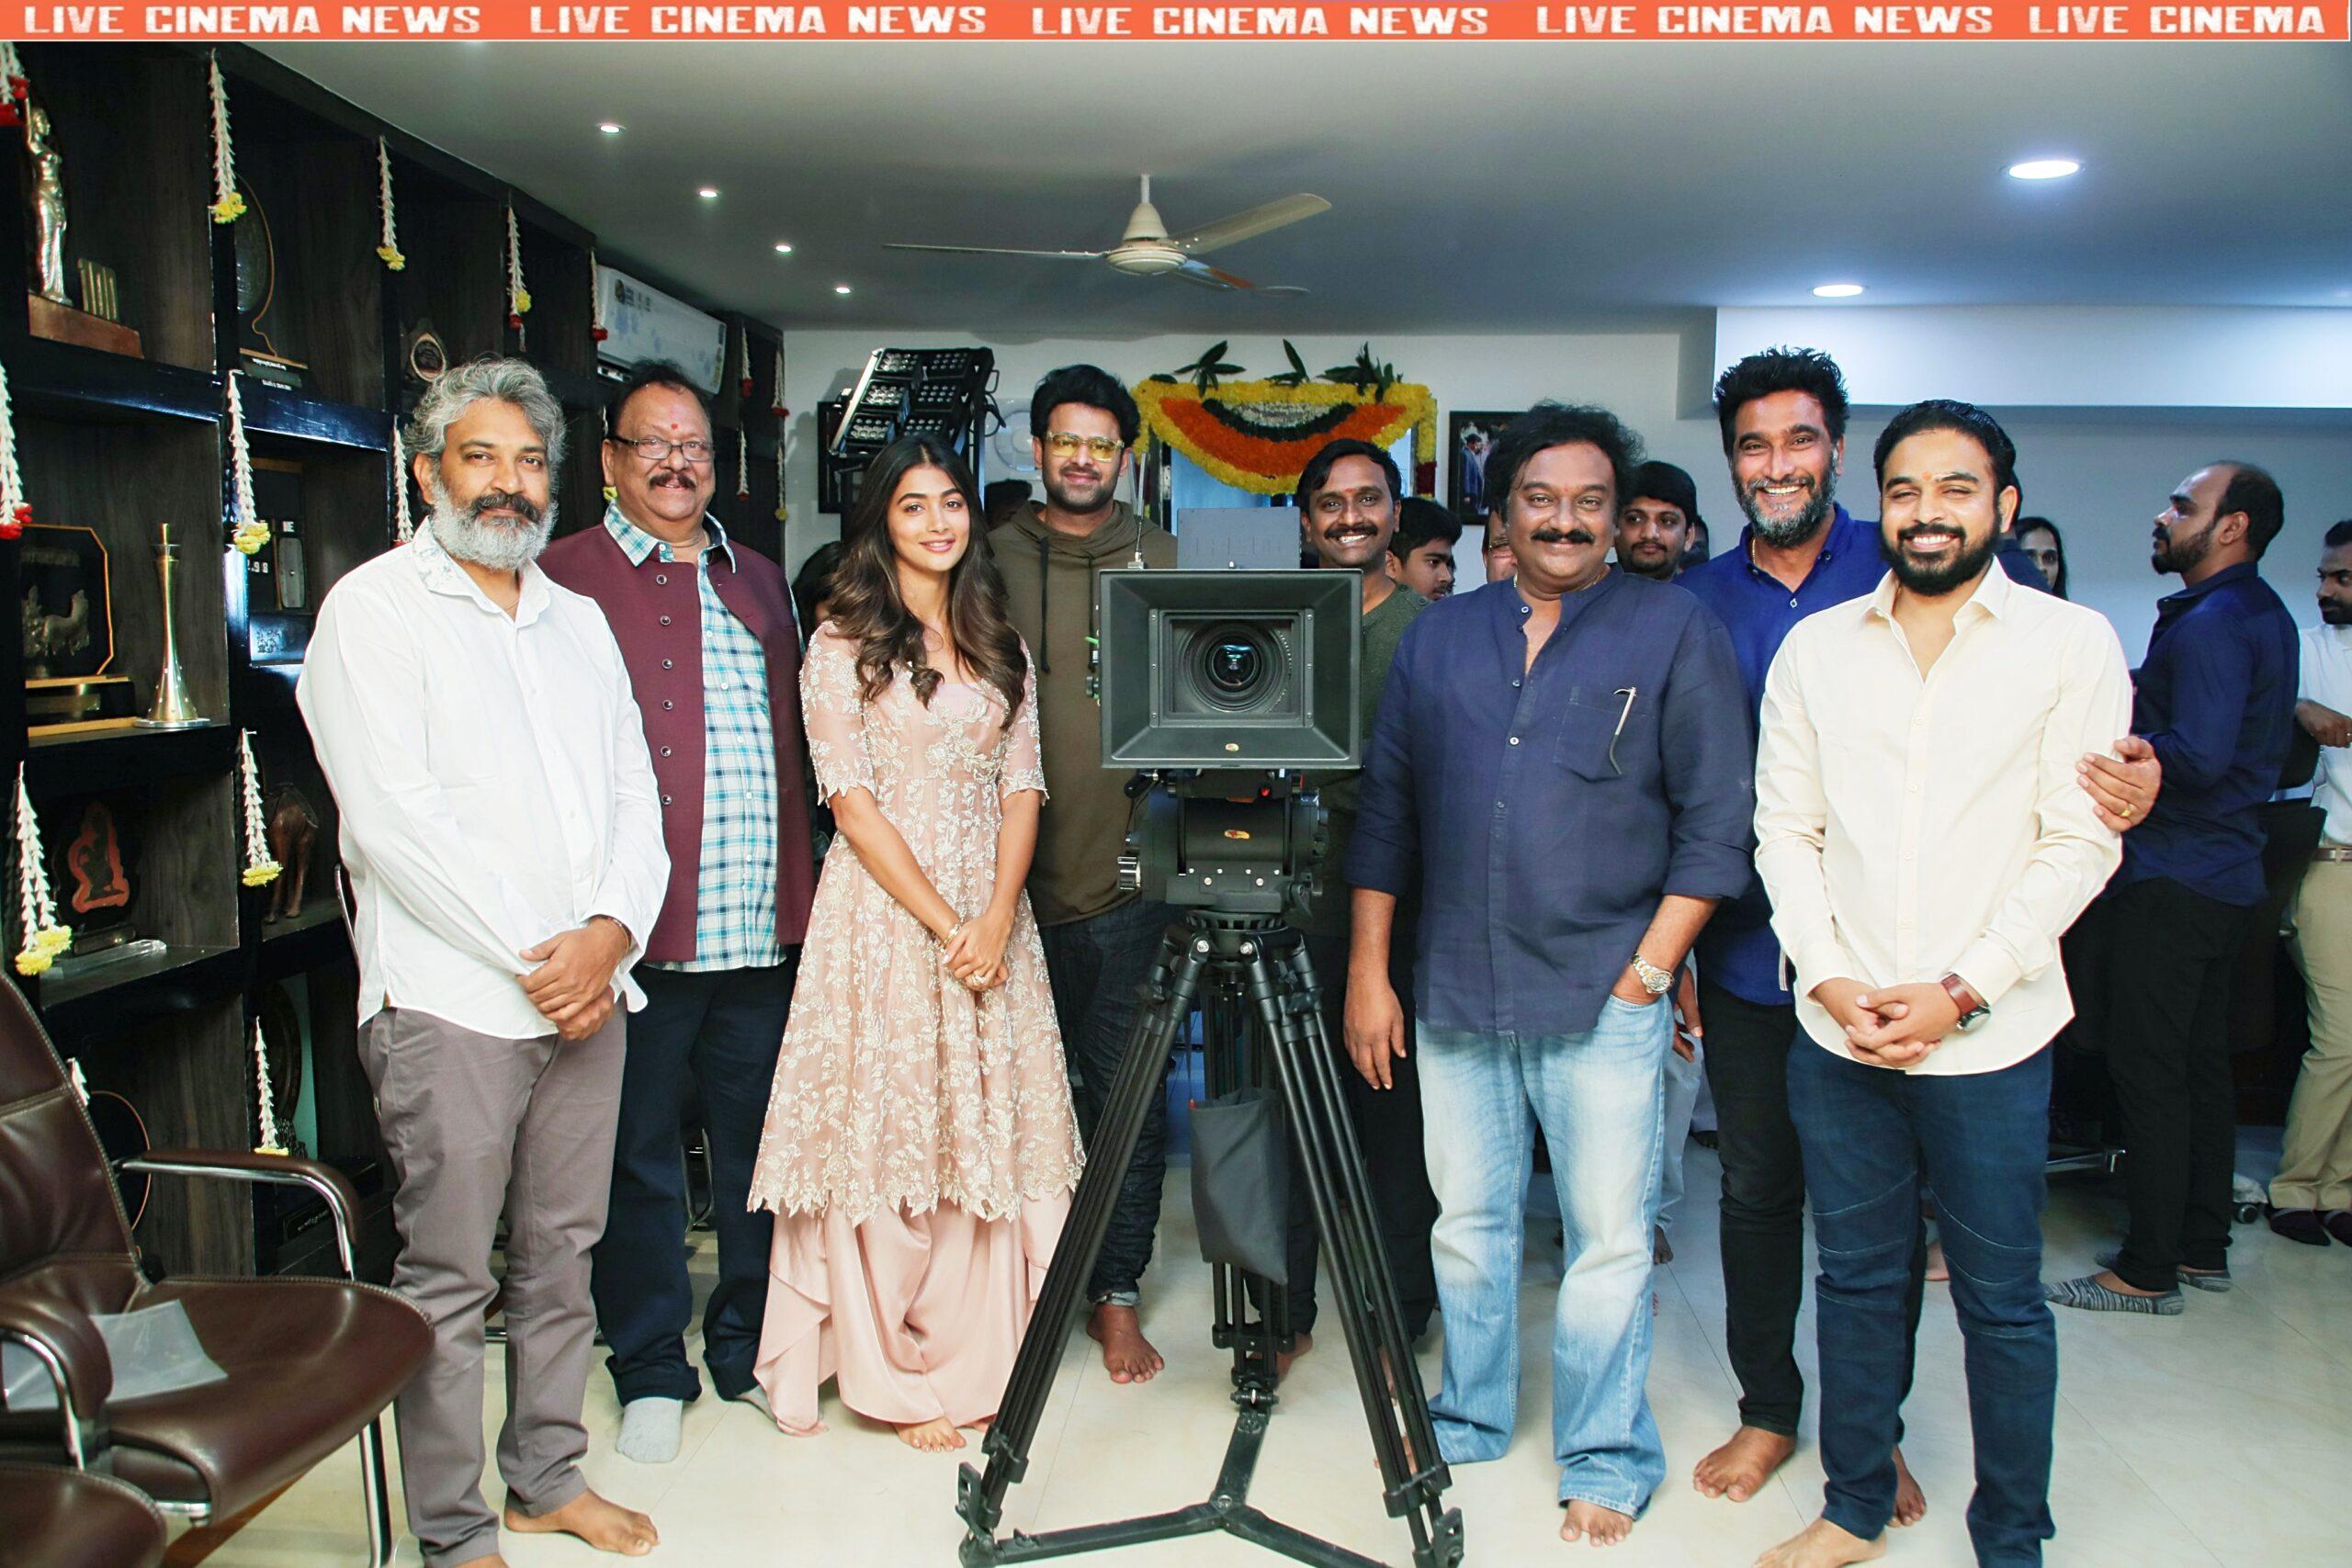 prabhas 20 movie (Pooja) opening ceremony - 8